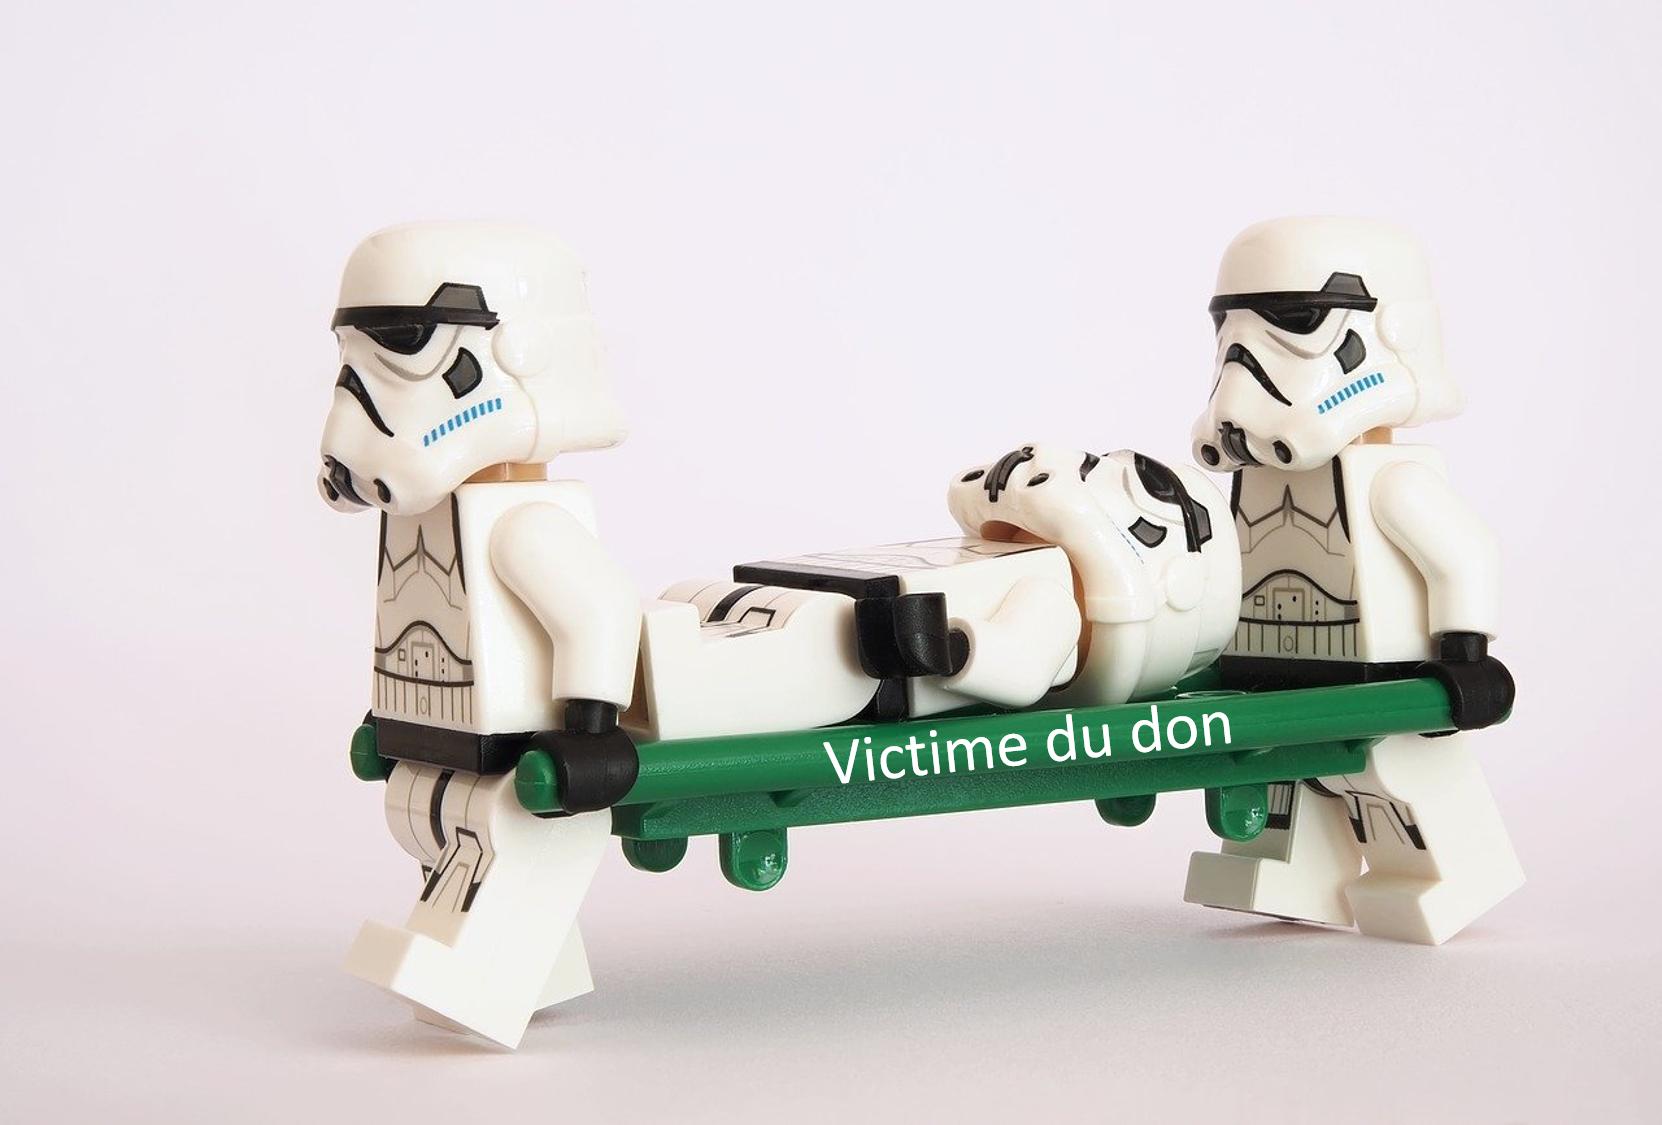 Victime du don